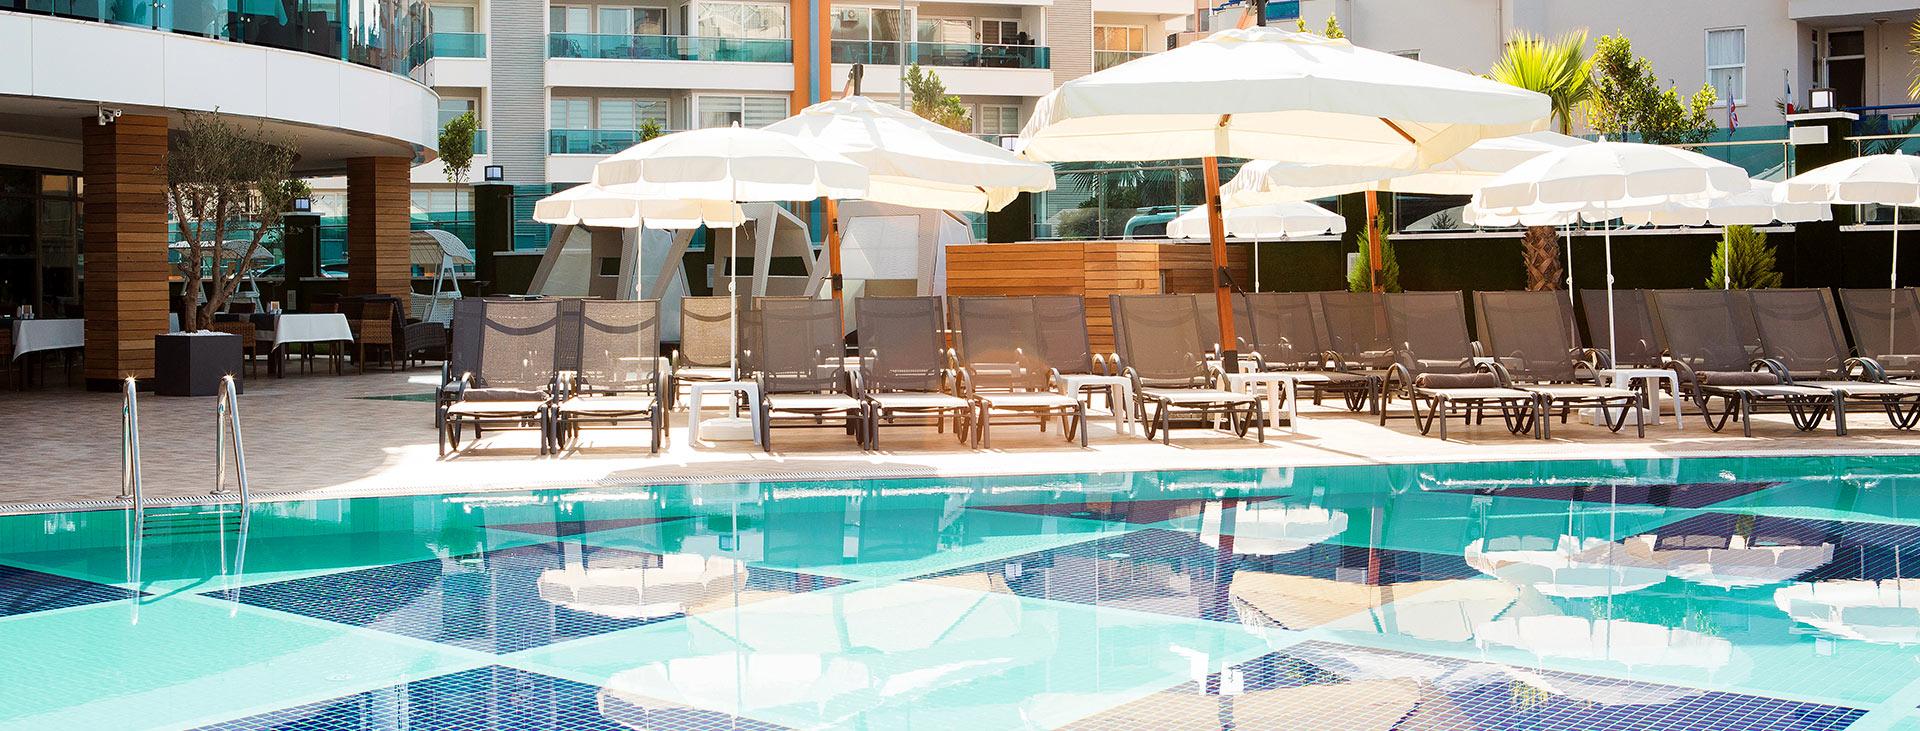 Sunprime C-Lounge, Alanya, Antalya-området, Tyrkia